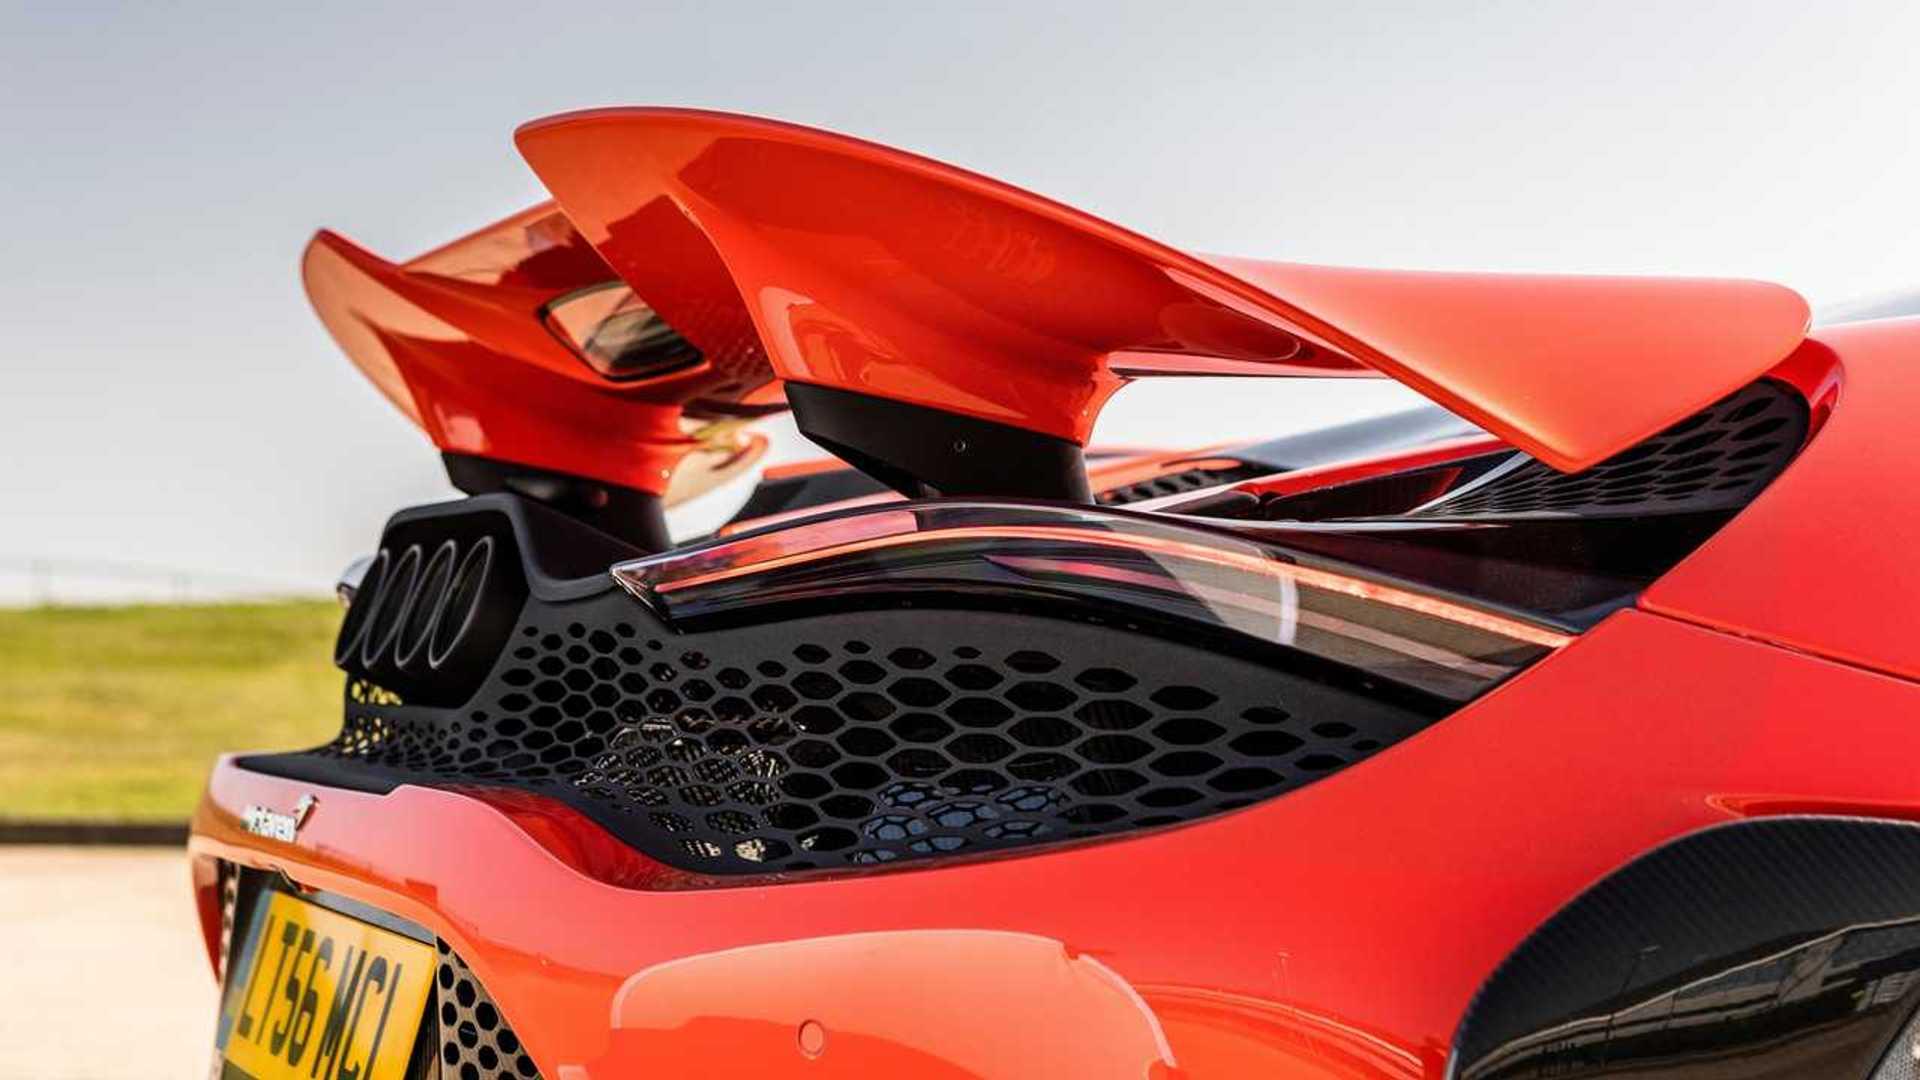 2021 McLaren 765LT wing